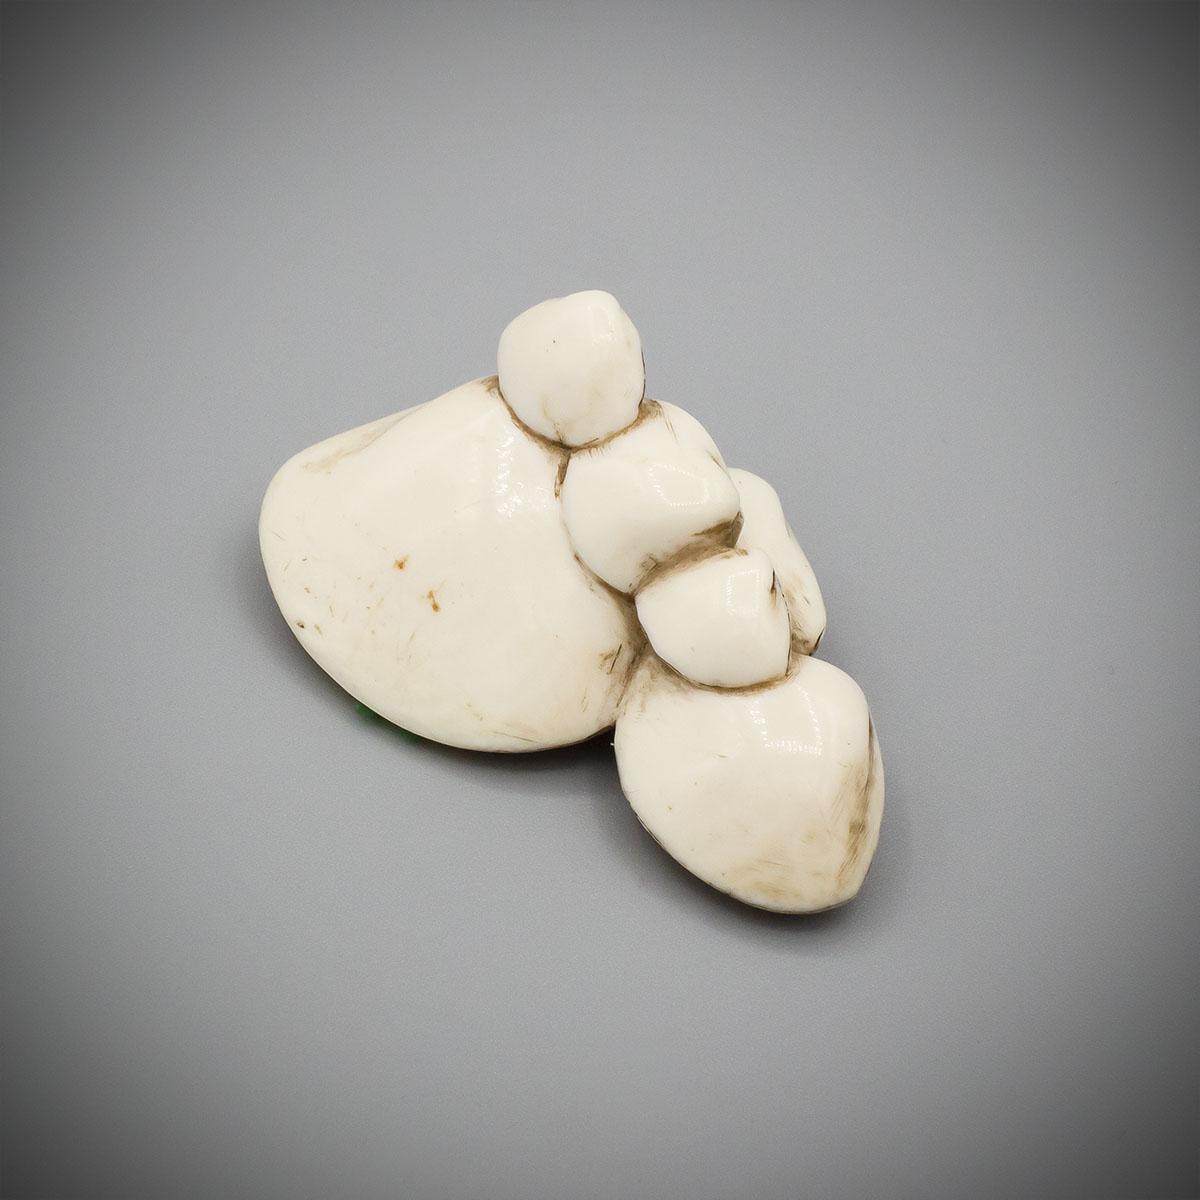 Ivory netsuke of six shells, MR3478_v.1-2